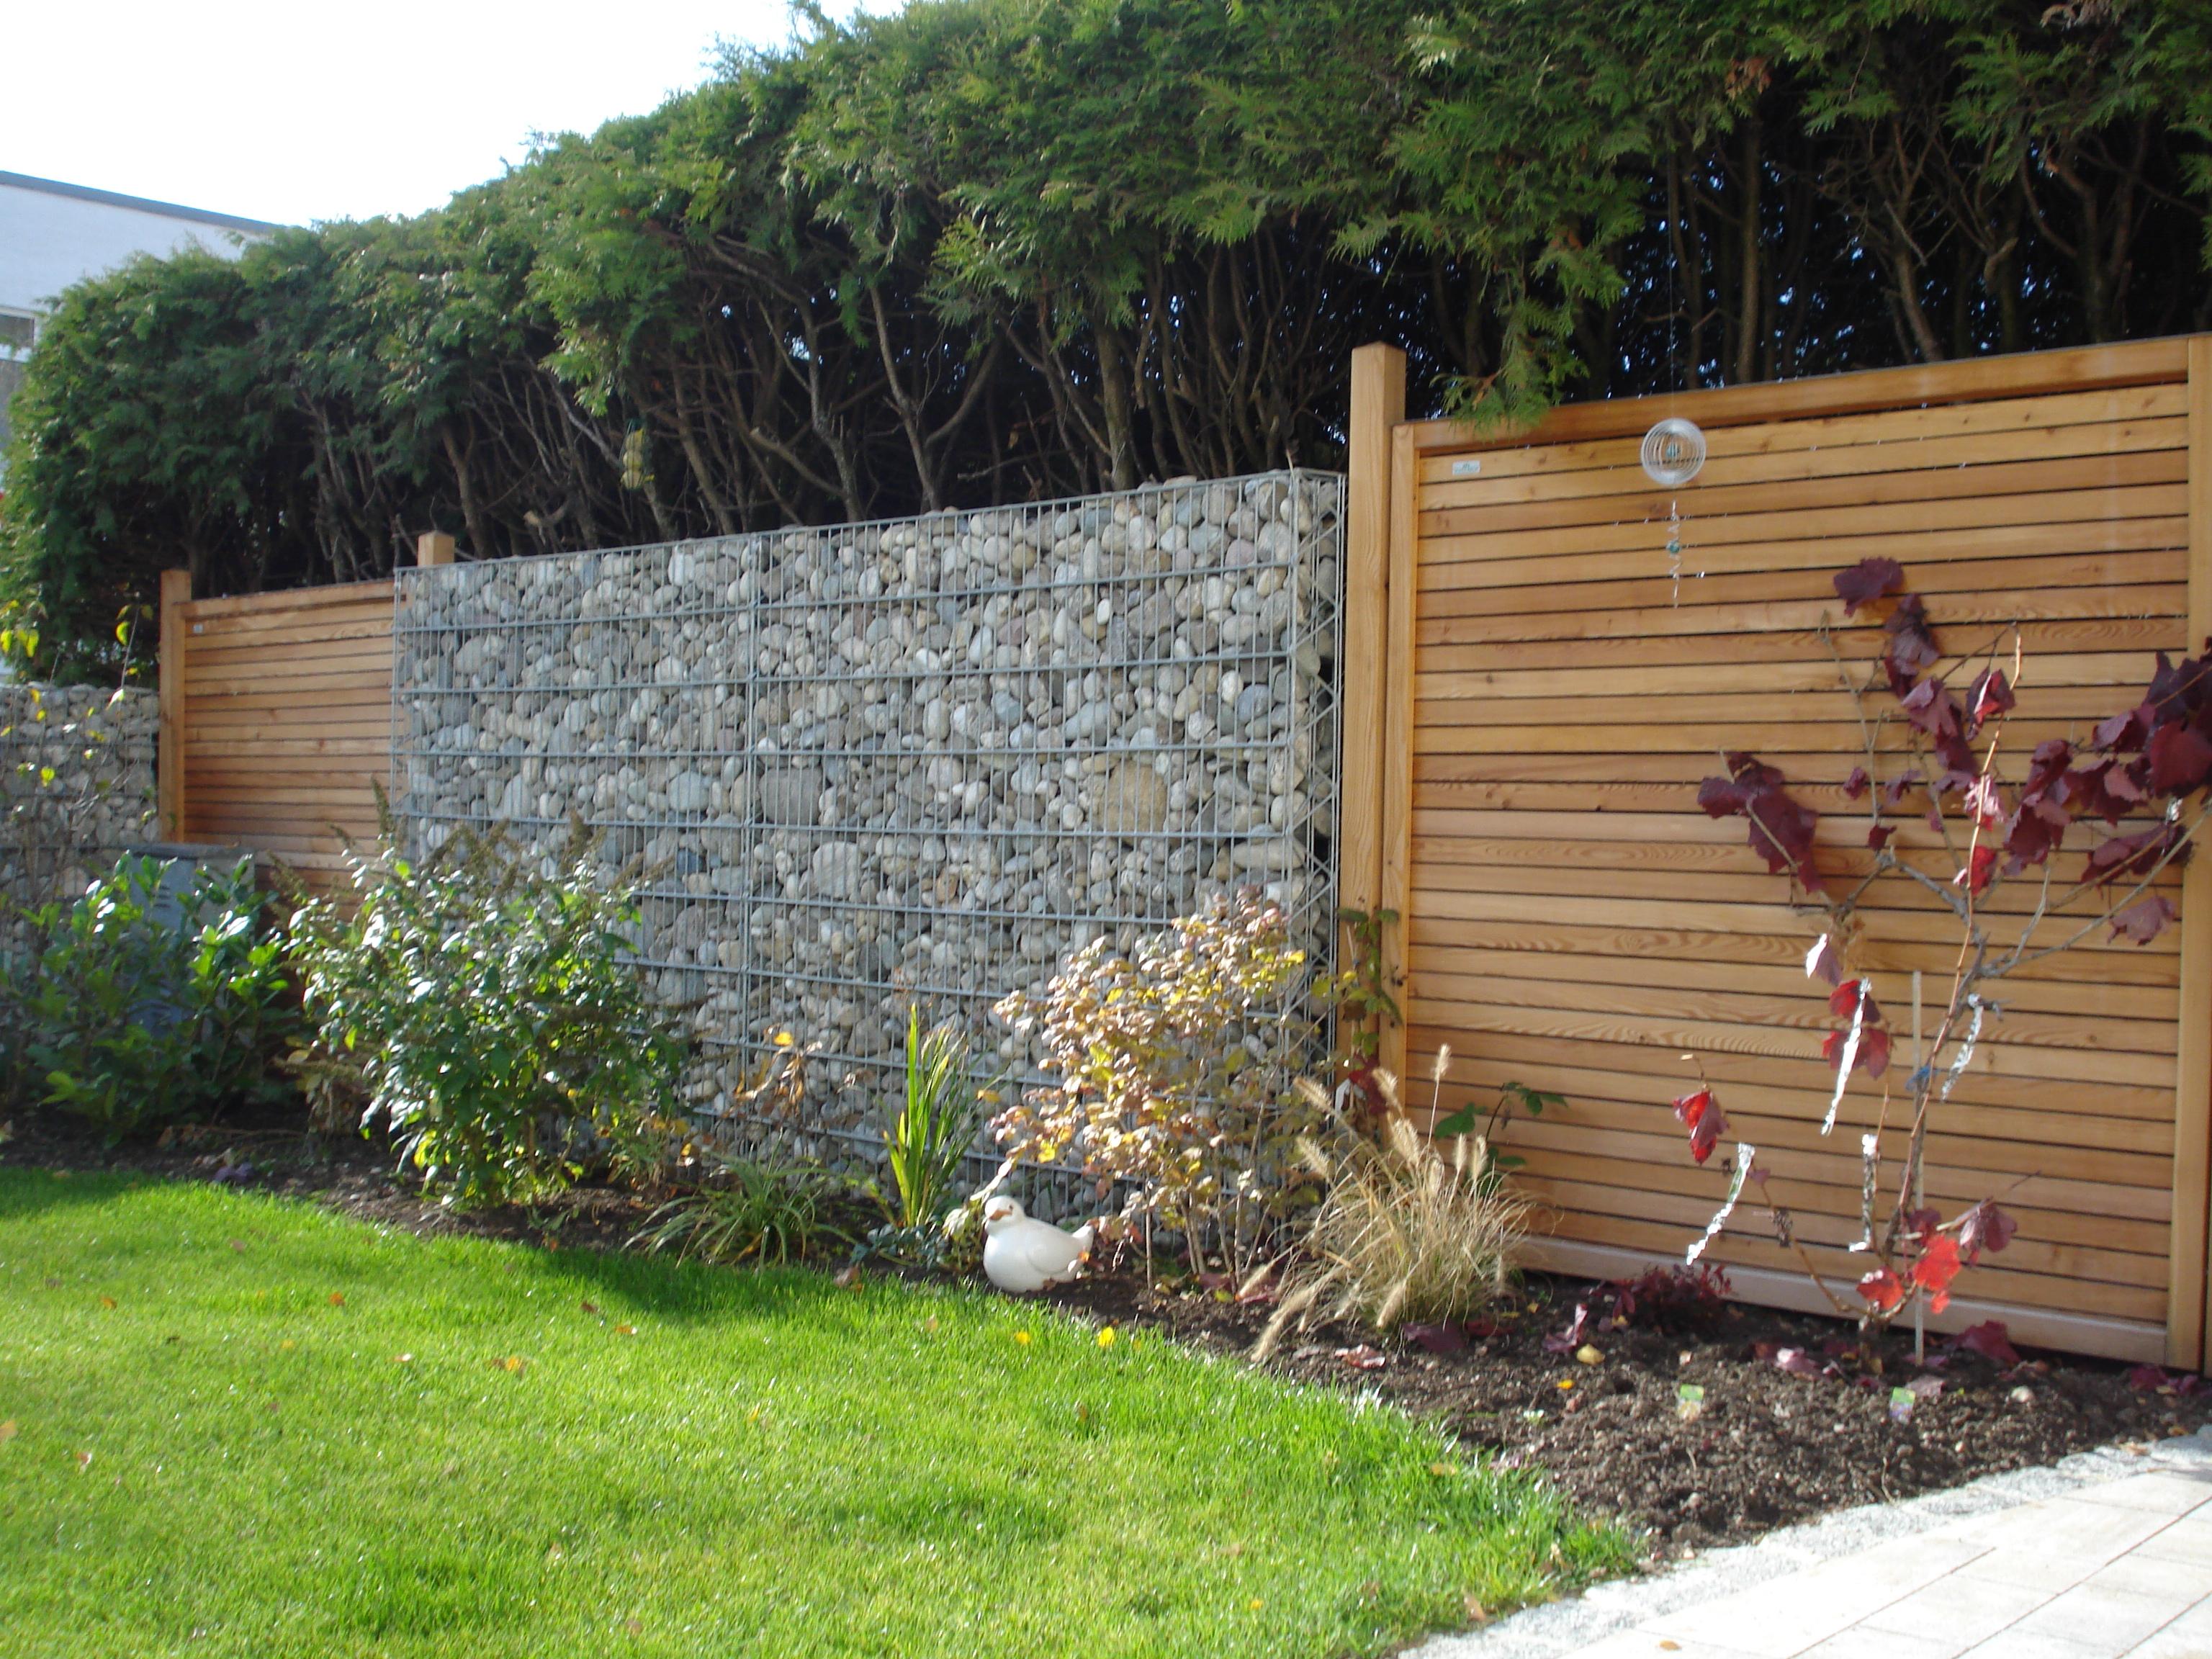 Tipps Fur Ihre Terrassengestaltung Inklusive Sichtschutz Terrasse